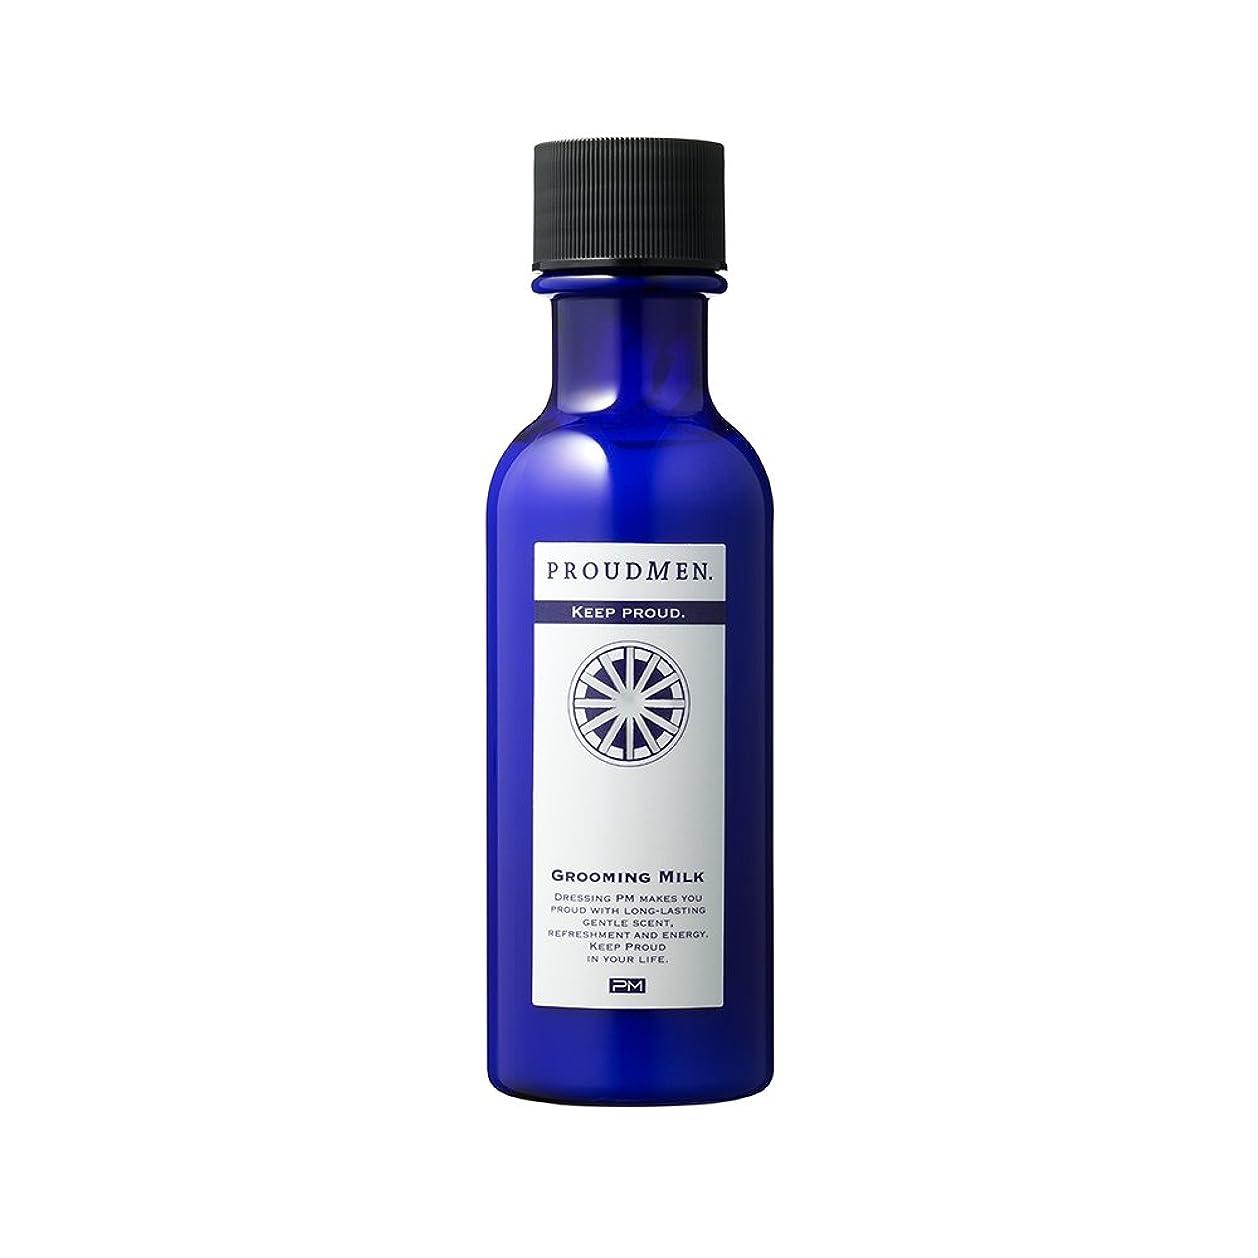 害虫バルーン重さプラウドメン グルーミングミルク 100ml 化粧水 メンズ アフターシェーブ